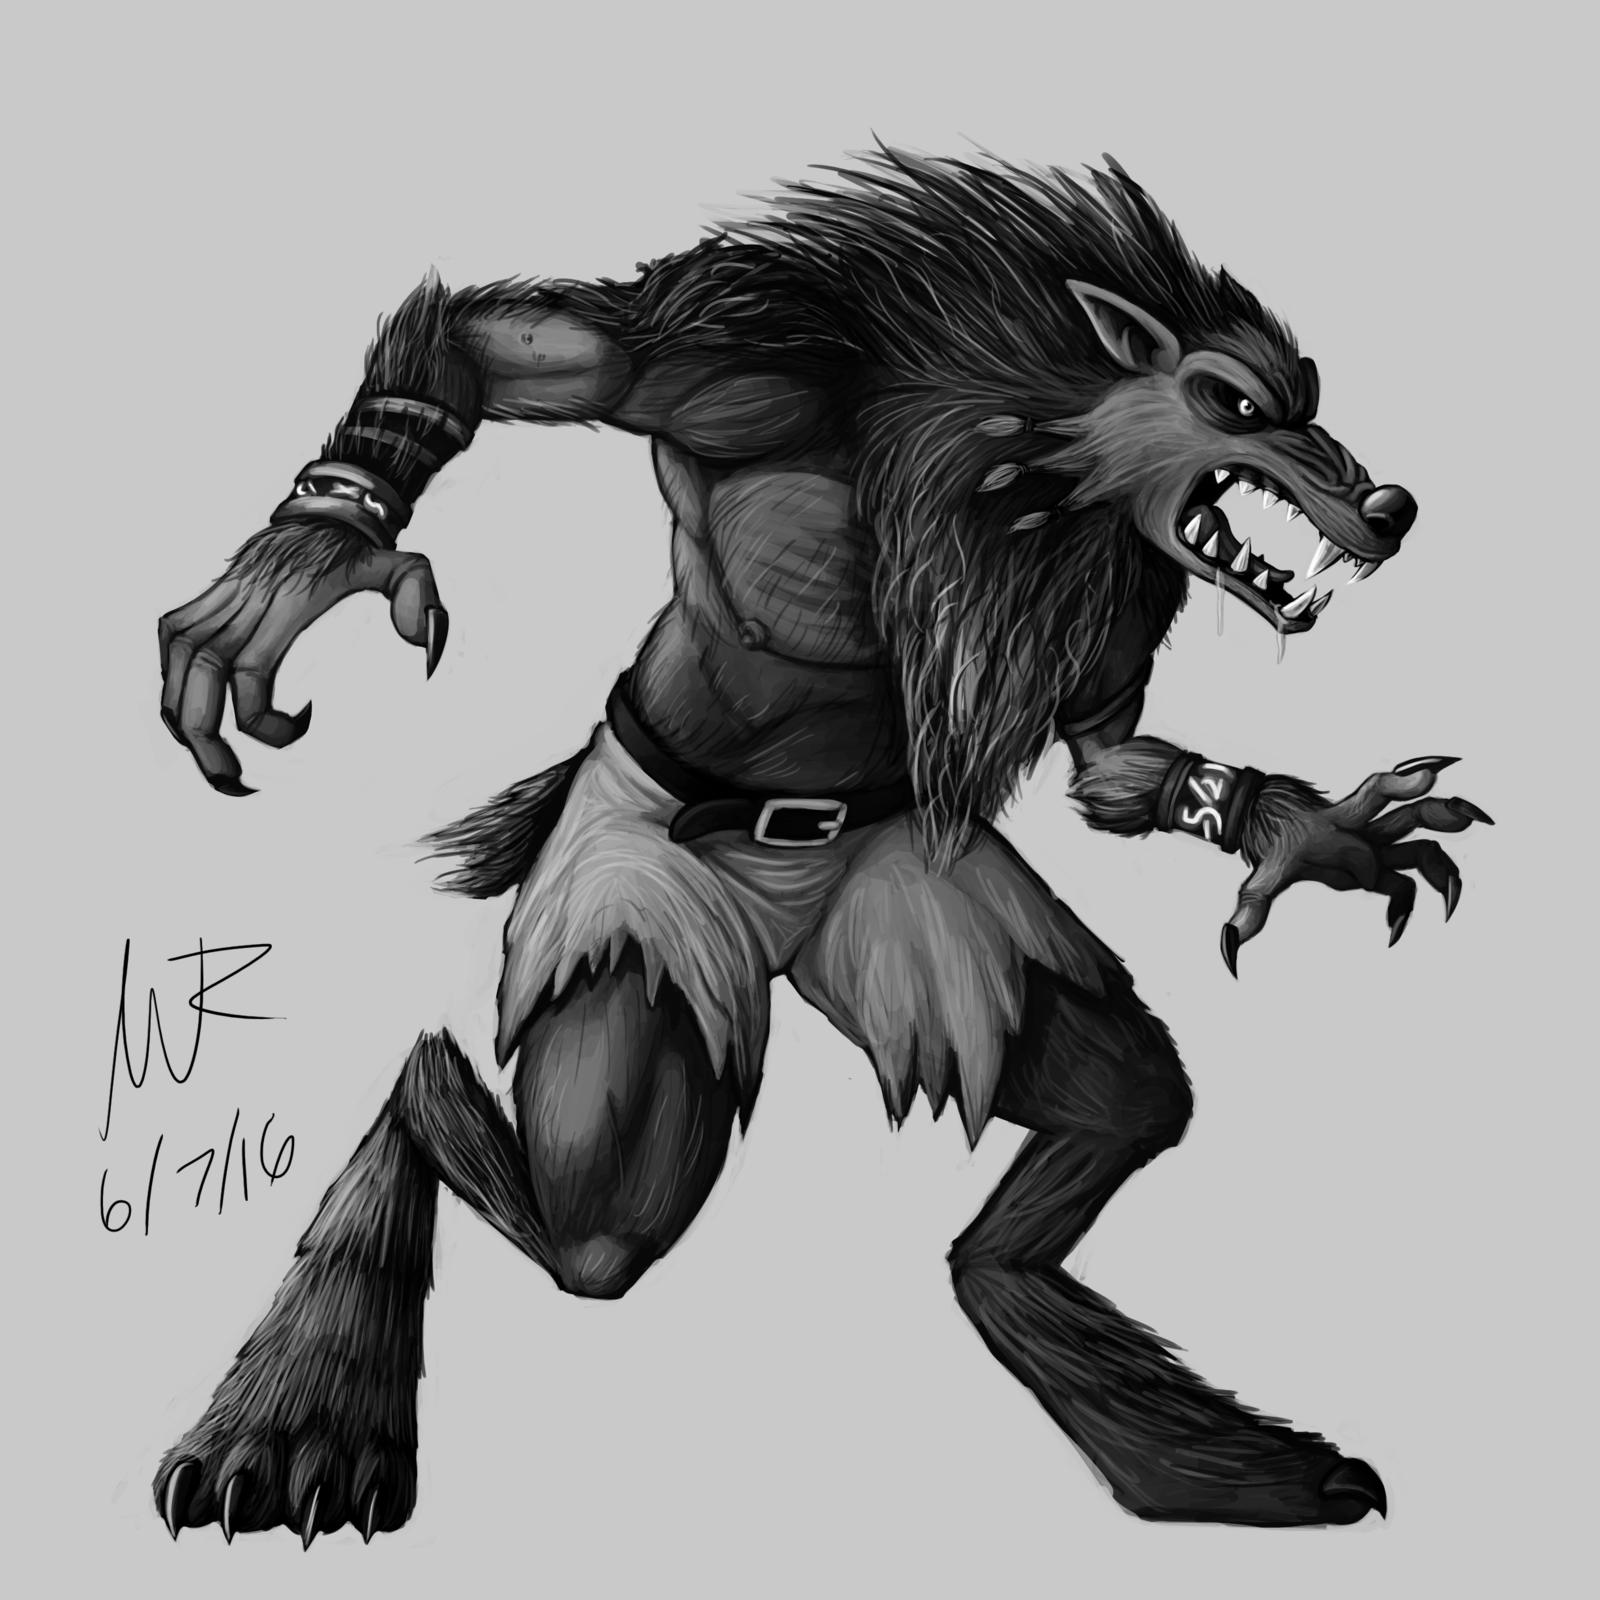 Drawn werewolf sabrewulf The Sabrewulf Lycanthrope: DeviantArt by